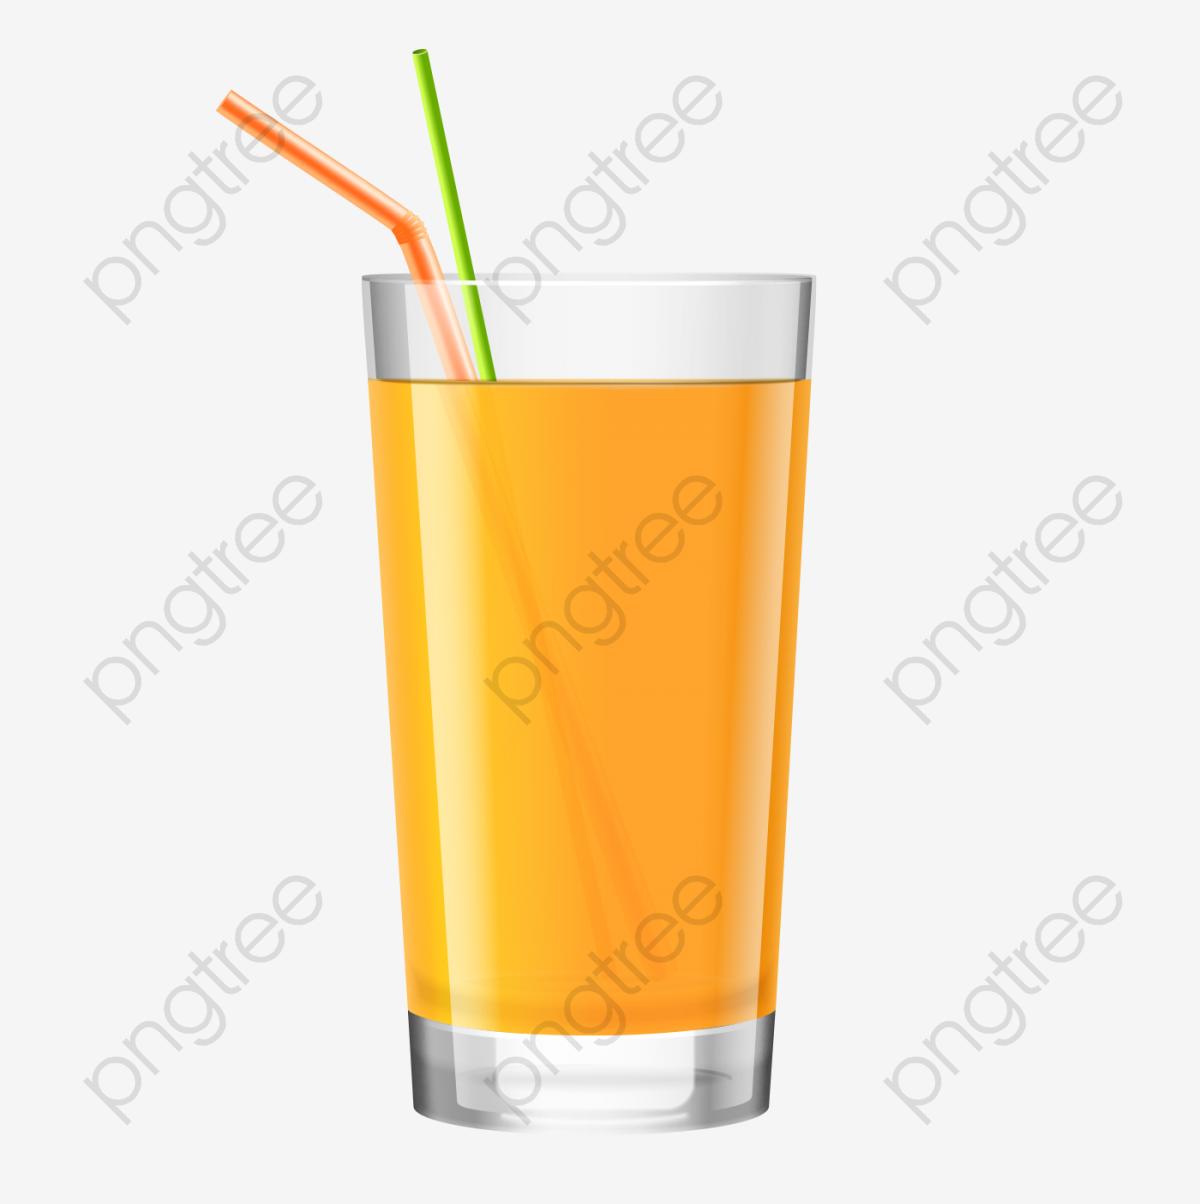 O Copo De Suco De Frutas, Suco De Frutas, Tubo De Sucção, Bebidas.